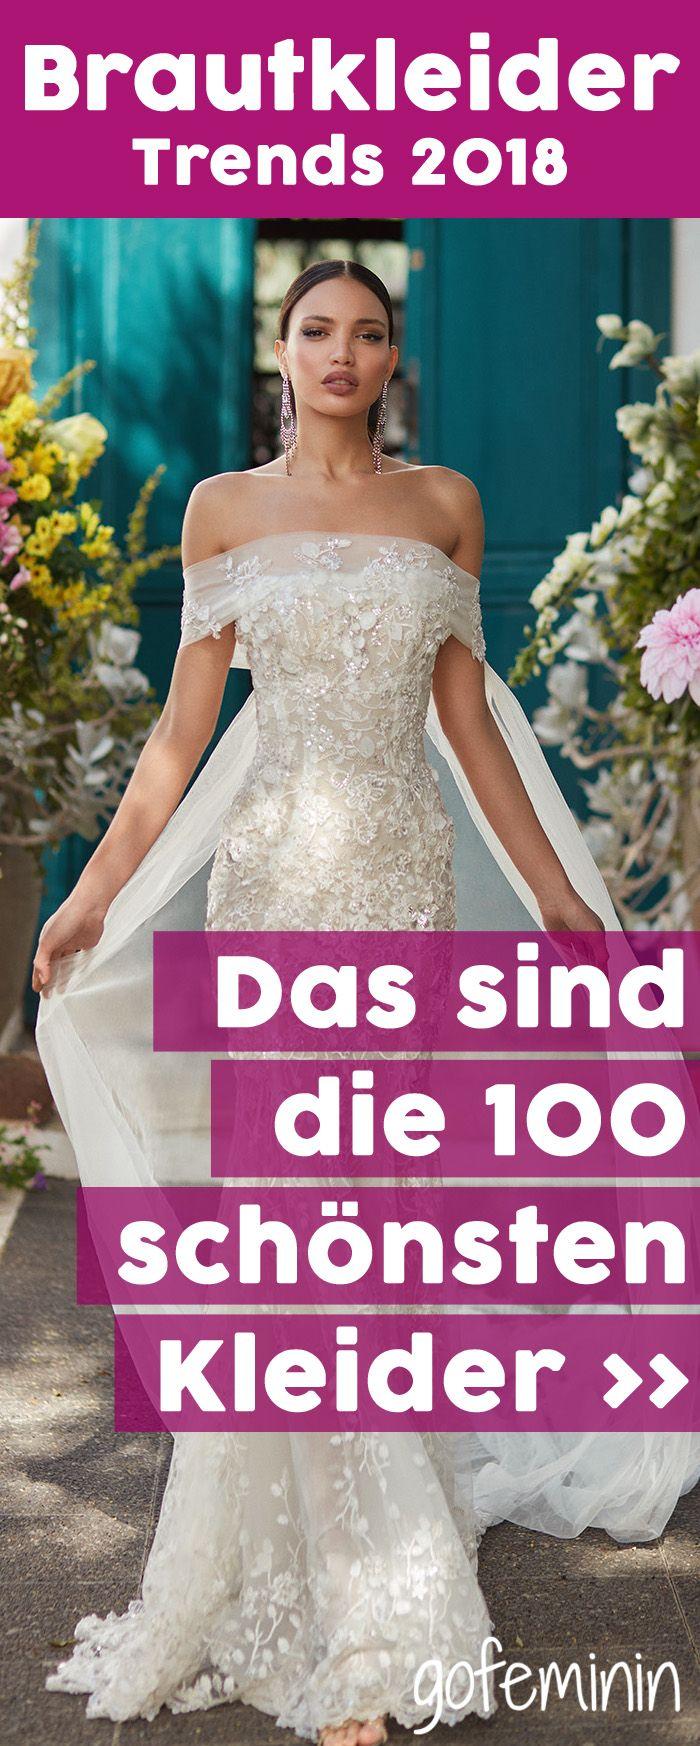 Brautkleider 2018  DAS sind die 100 schönsten Kleider ... 575a32f97b